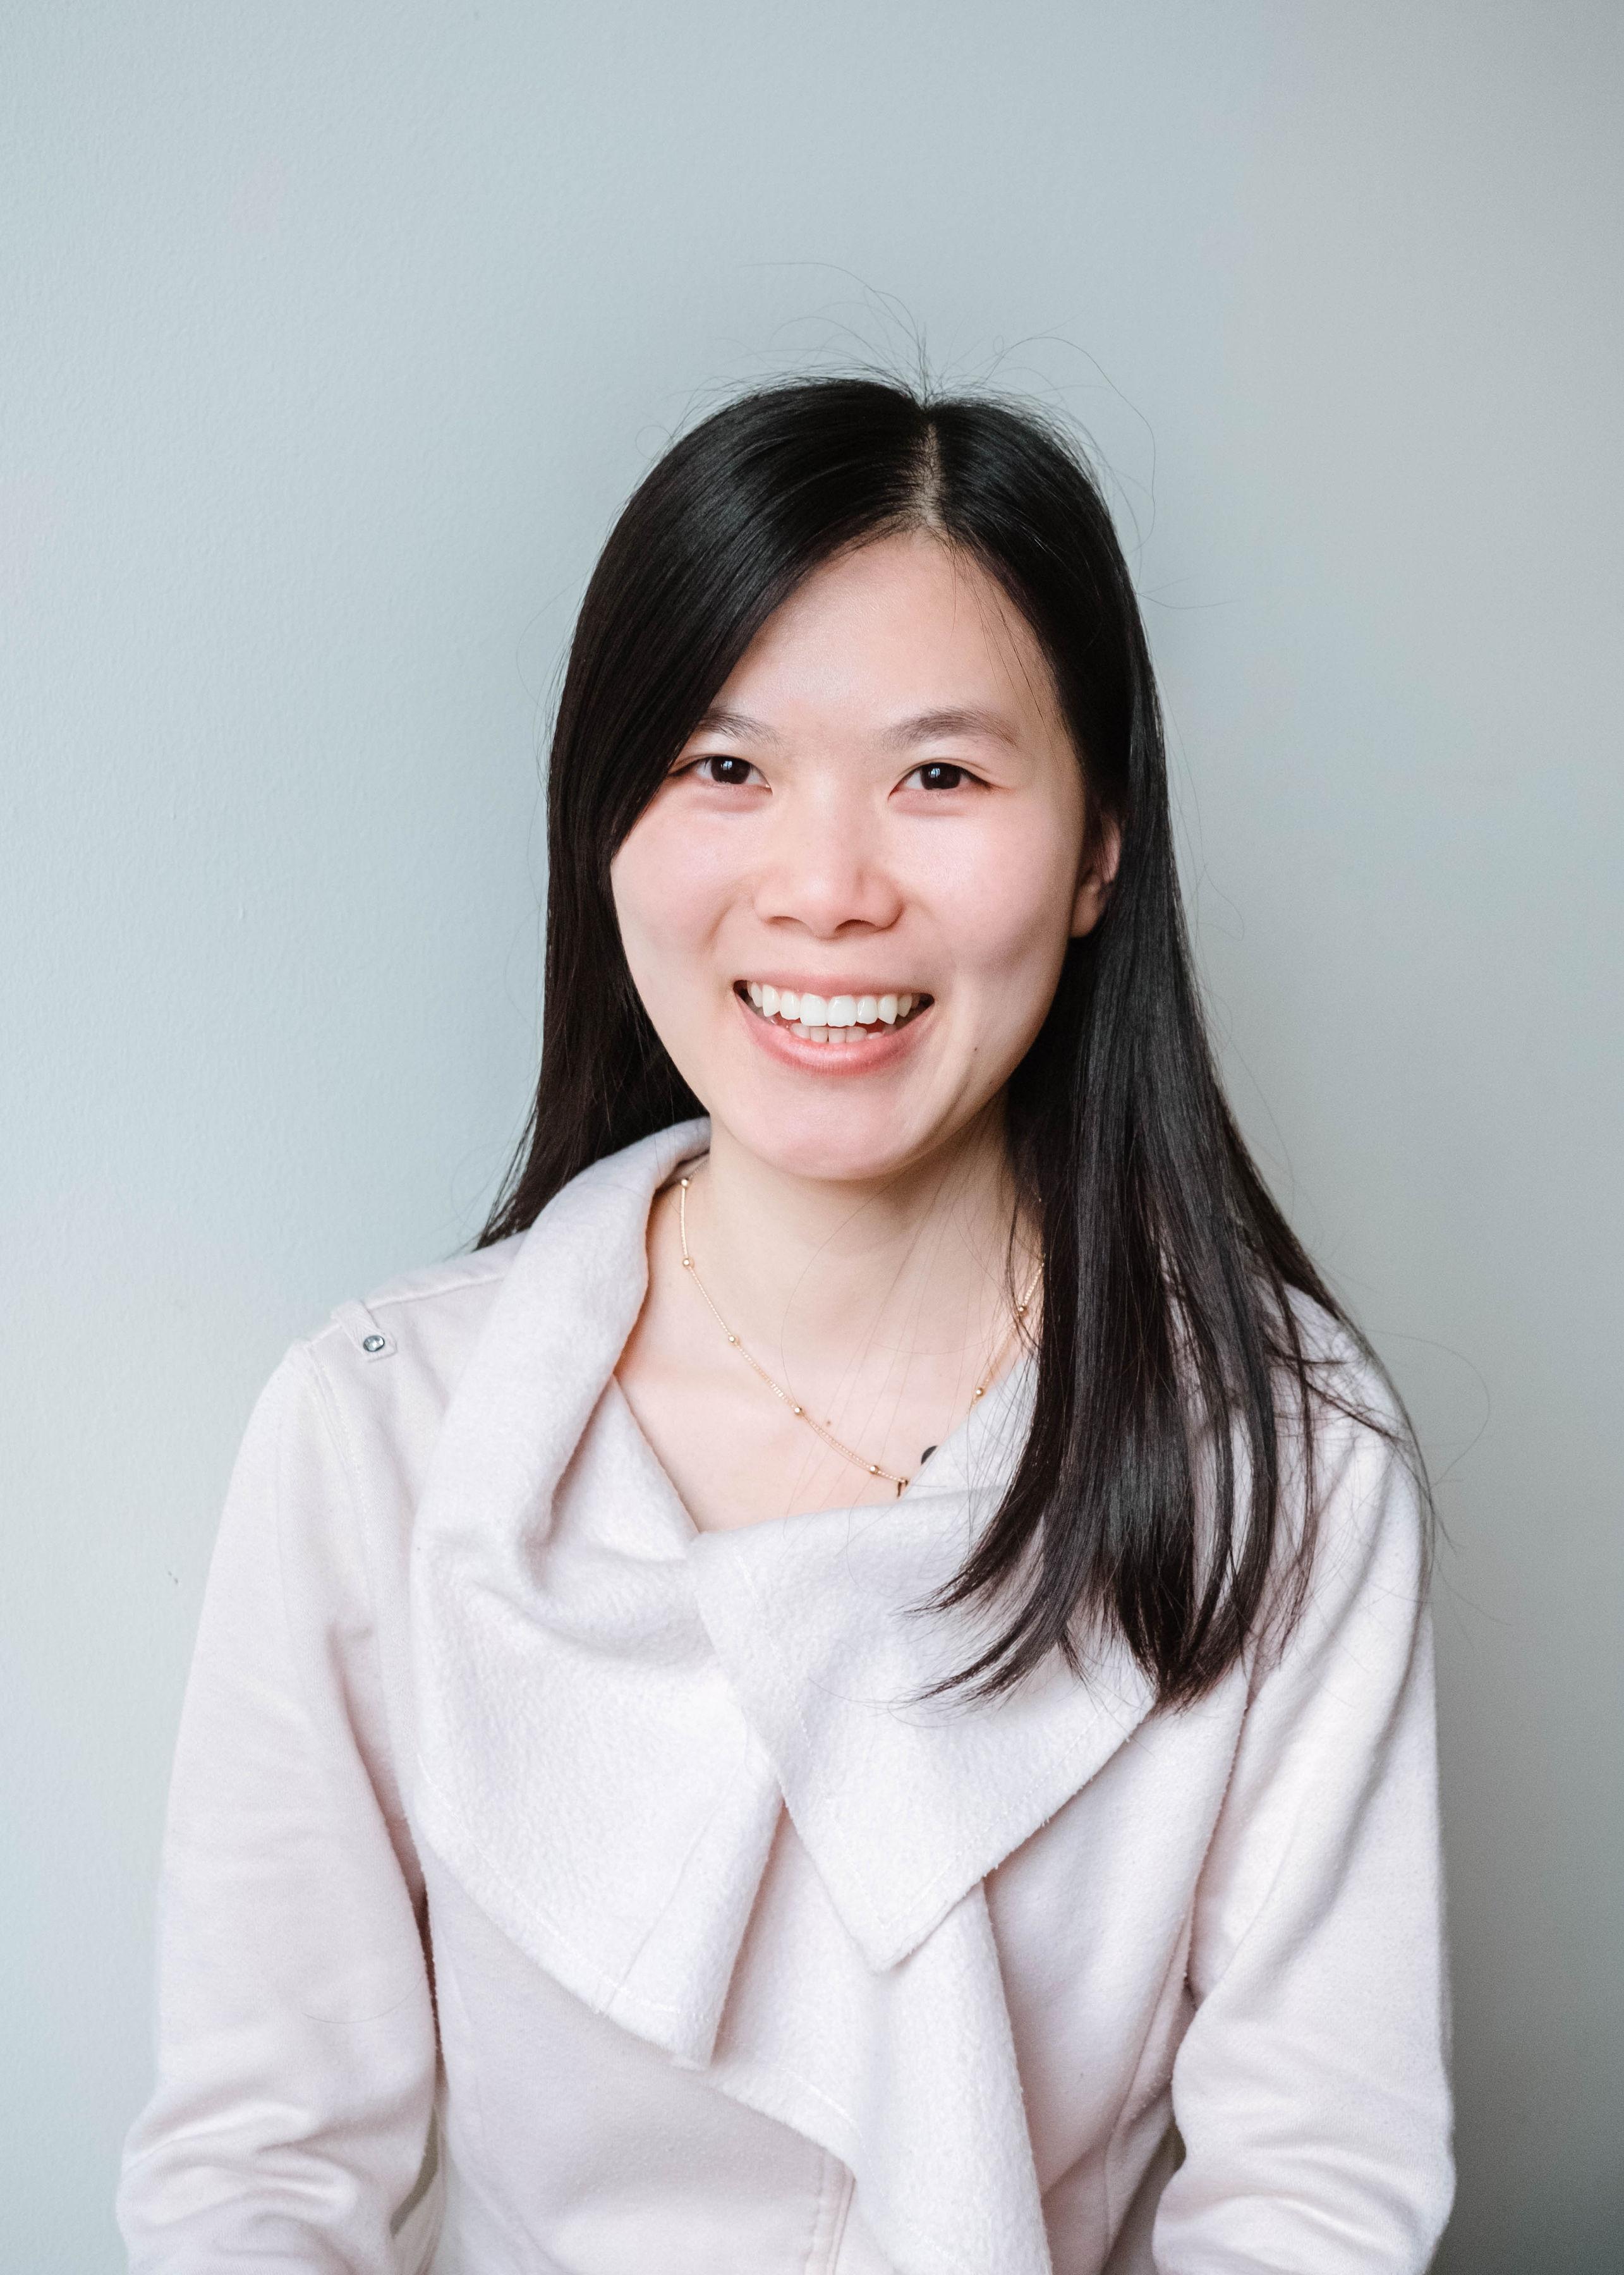 Chenyi Zheng